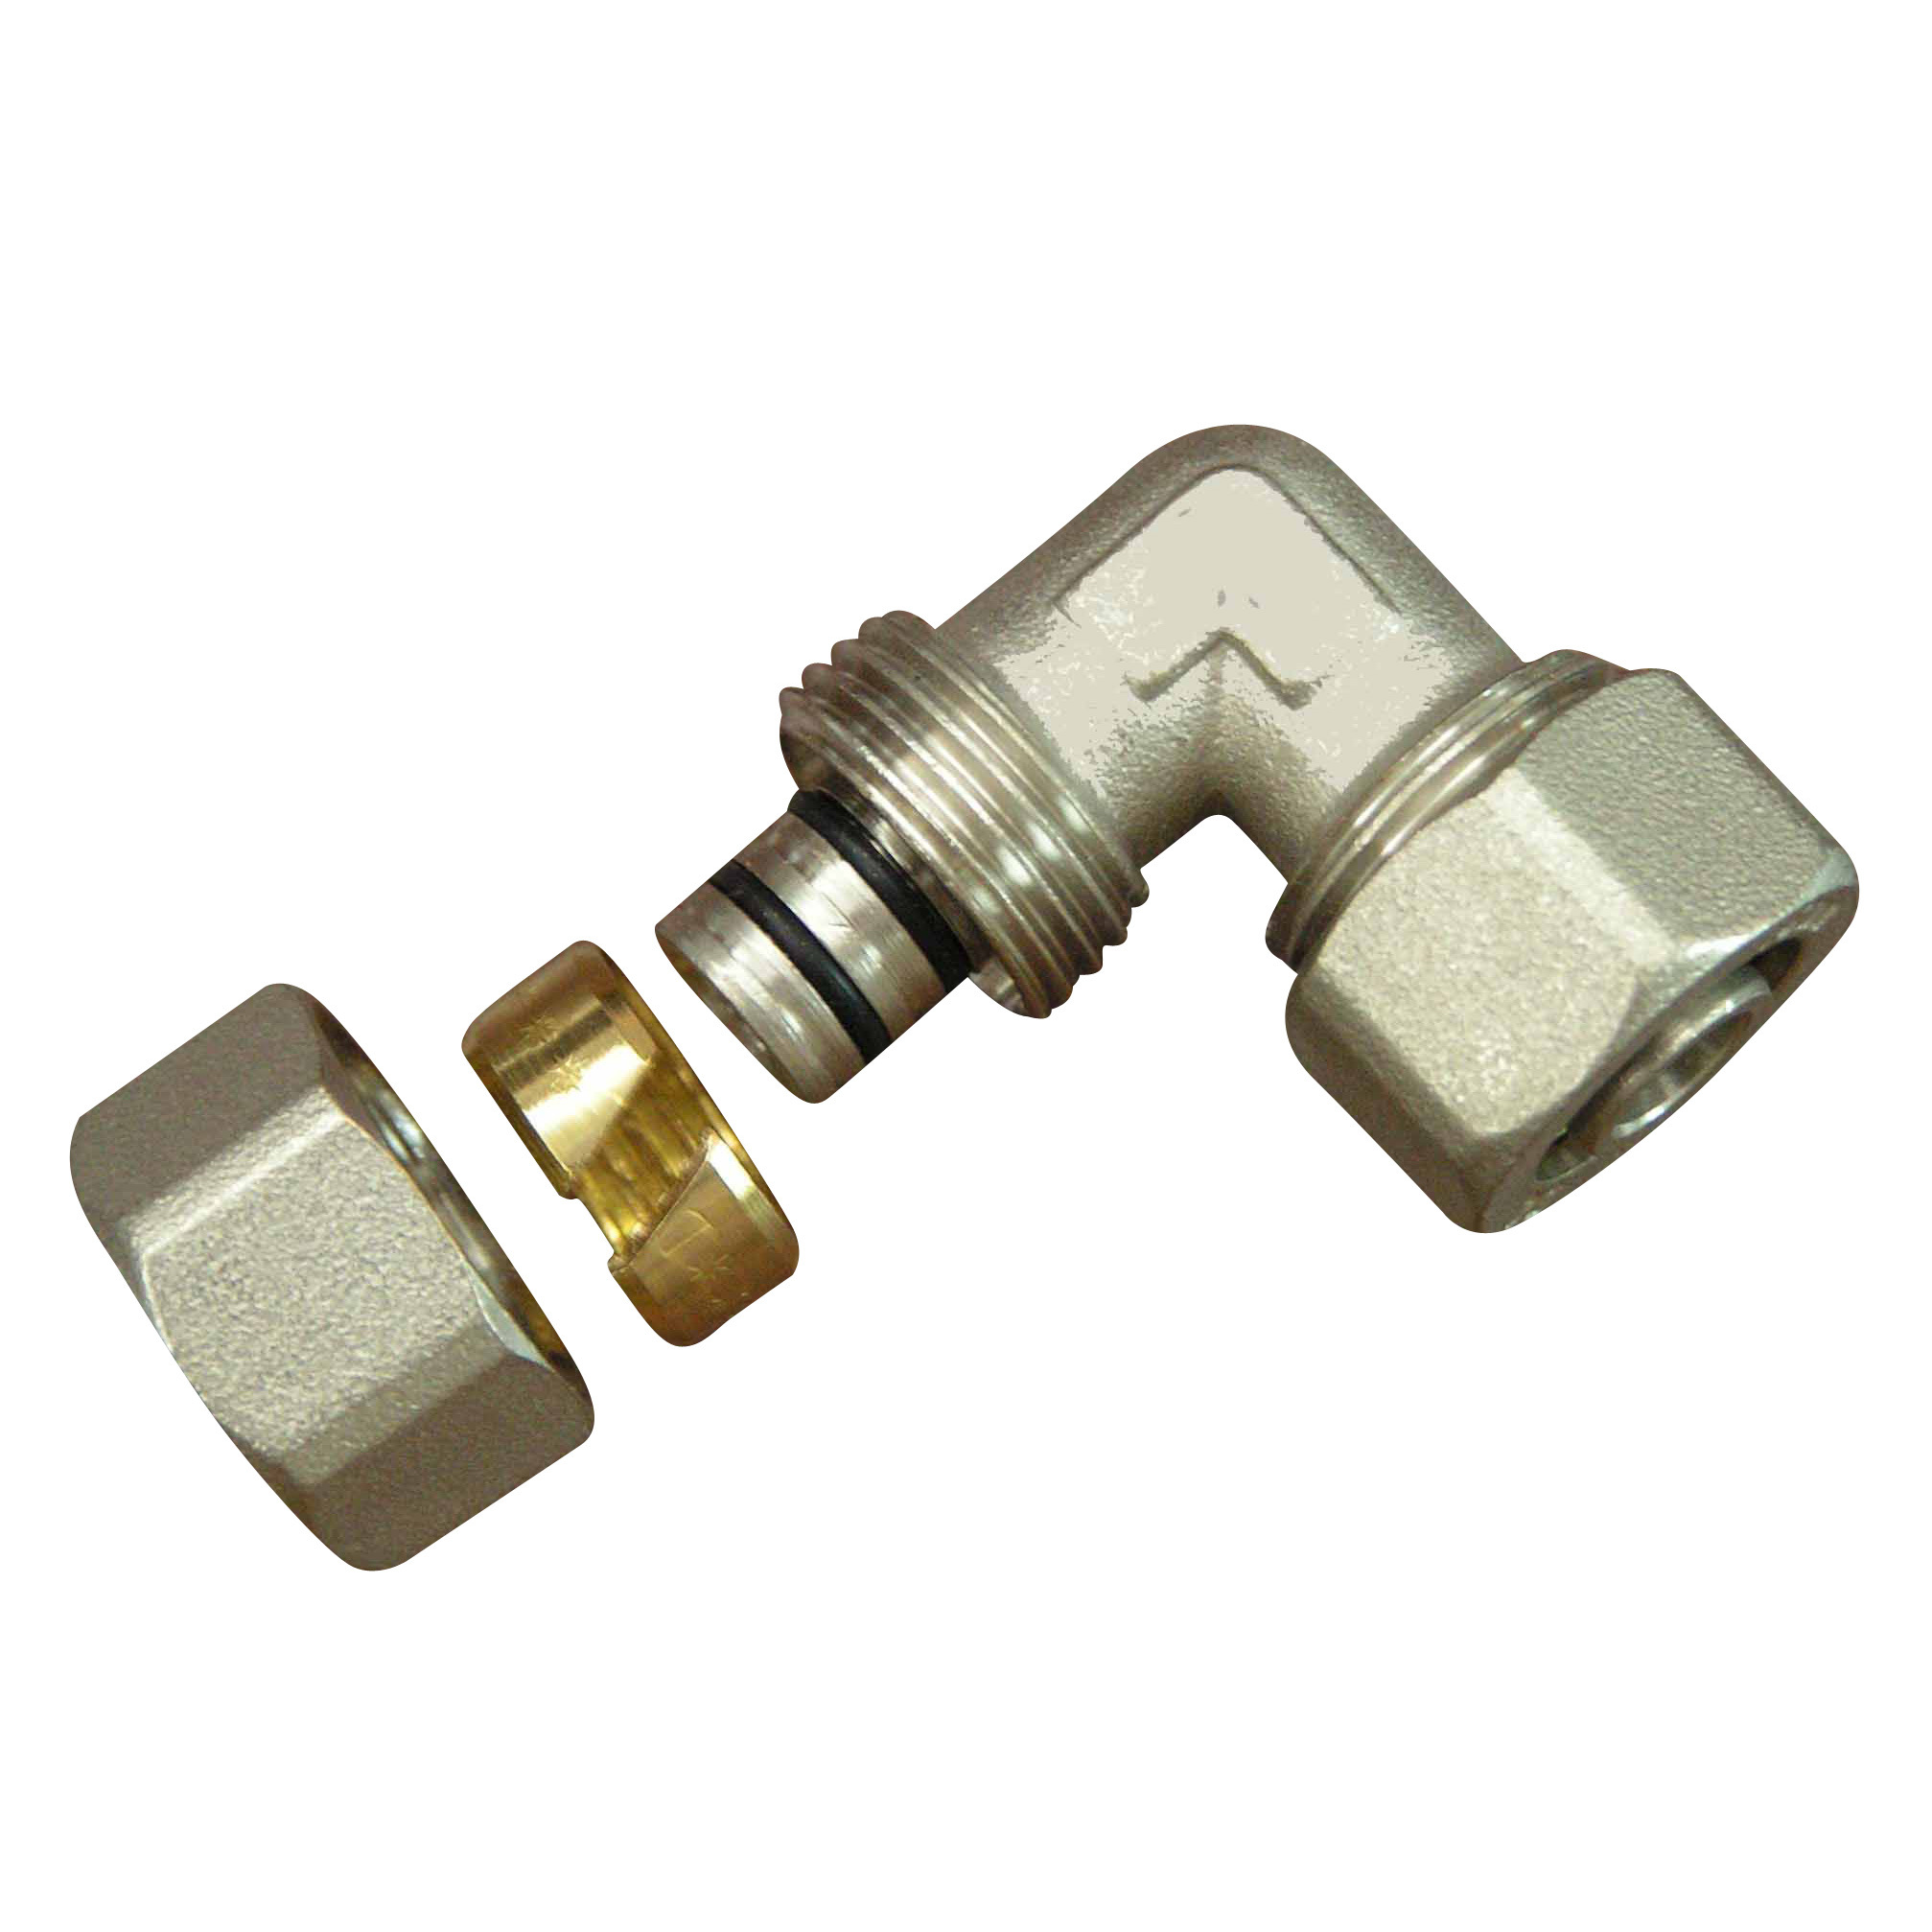 Compression Fittings for Pex-Al-Pex Pipe